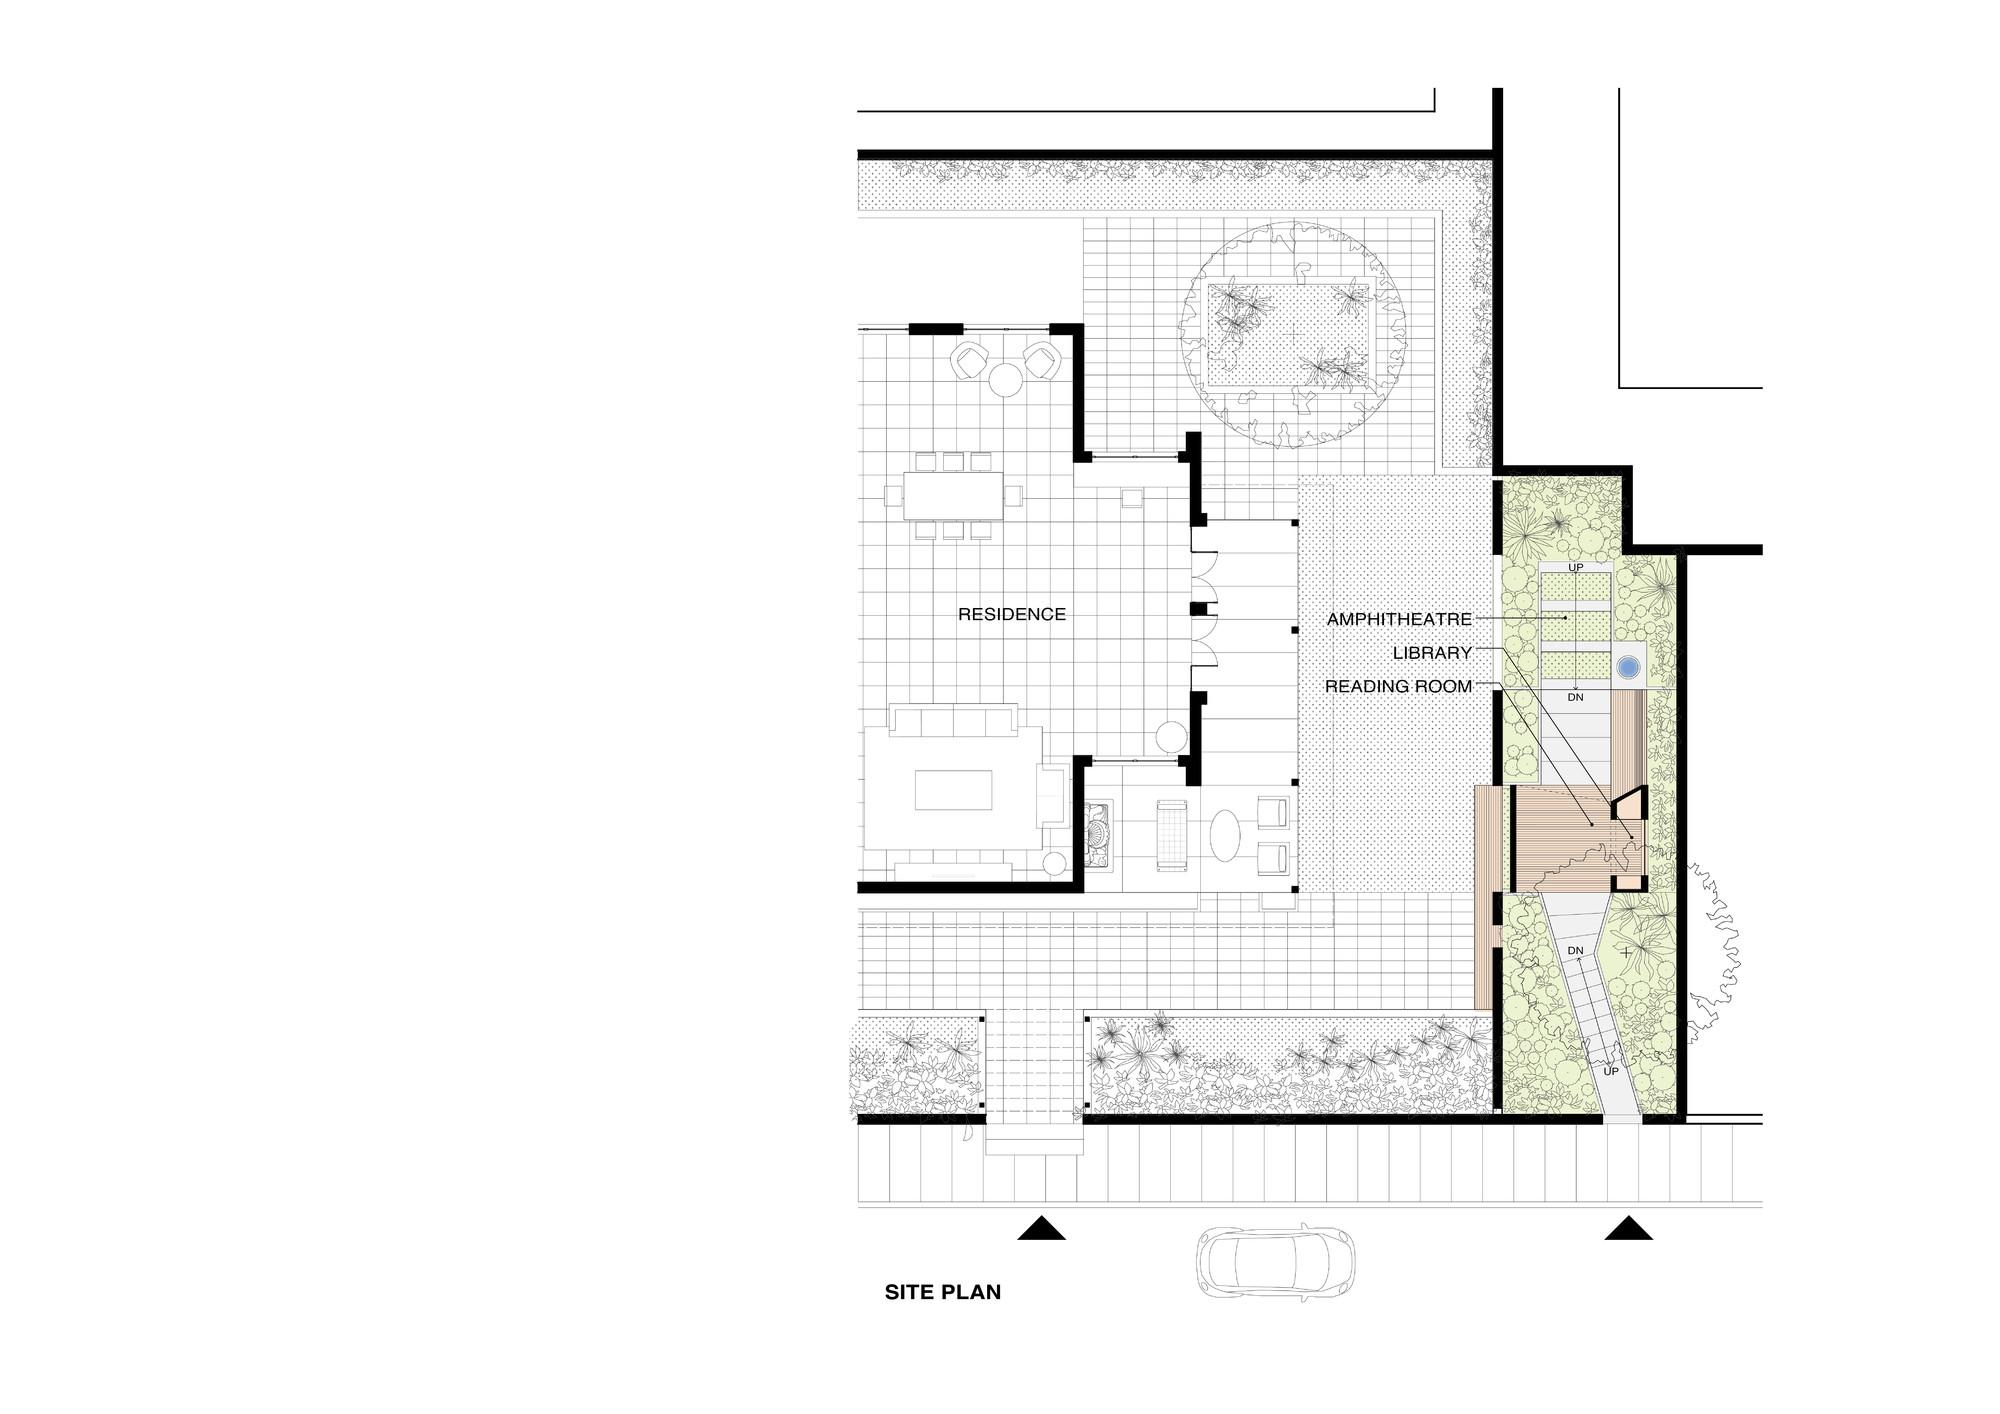 mobiliario jardim jumbo:Pavilhão no Jardim / CollectiveProject